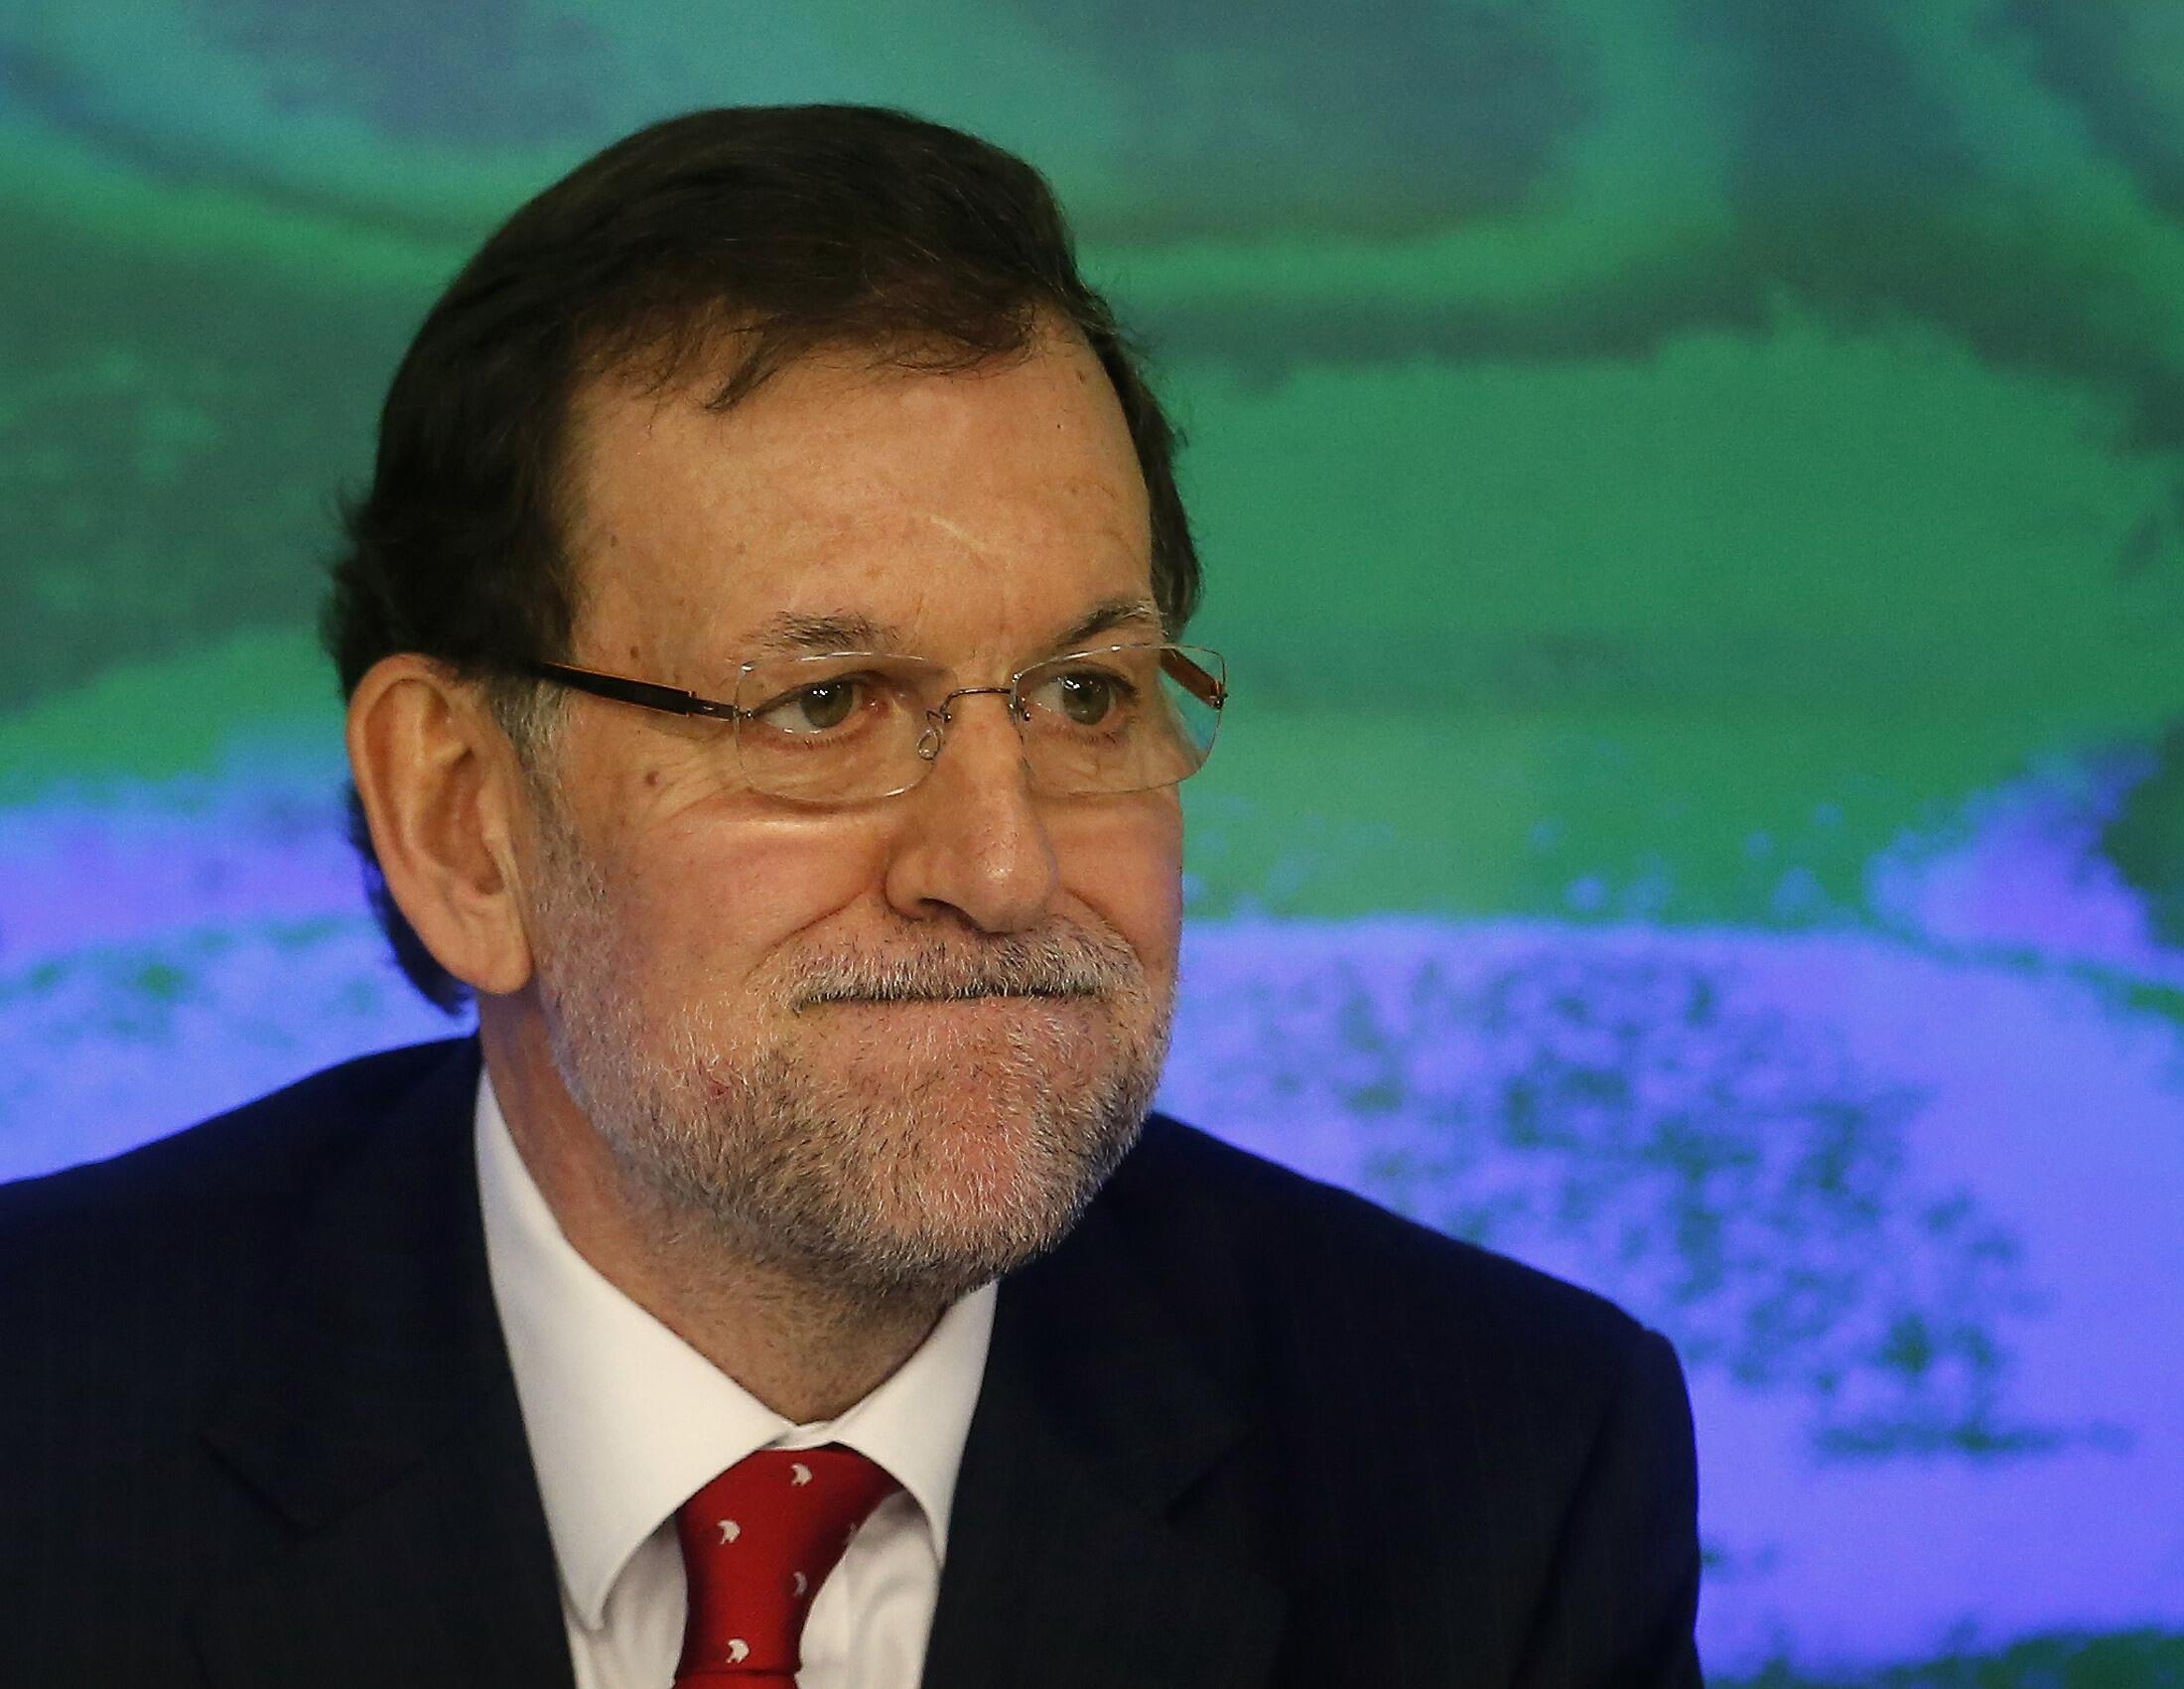 El Partido Popular del primer ministro Mariano Rajoy se encuentra en una posición muy delicada.